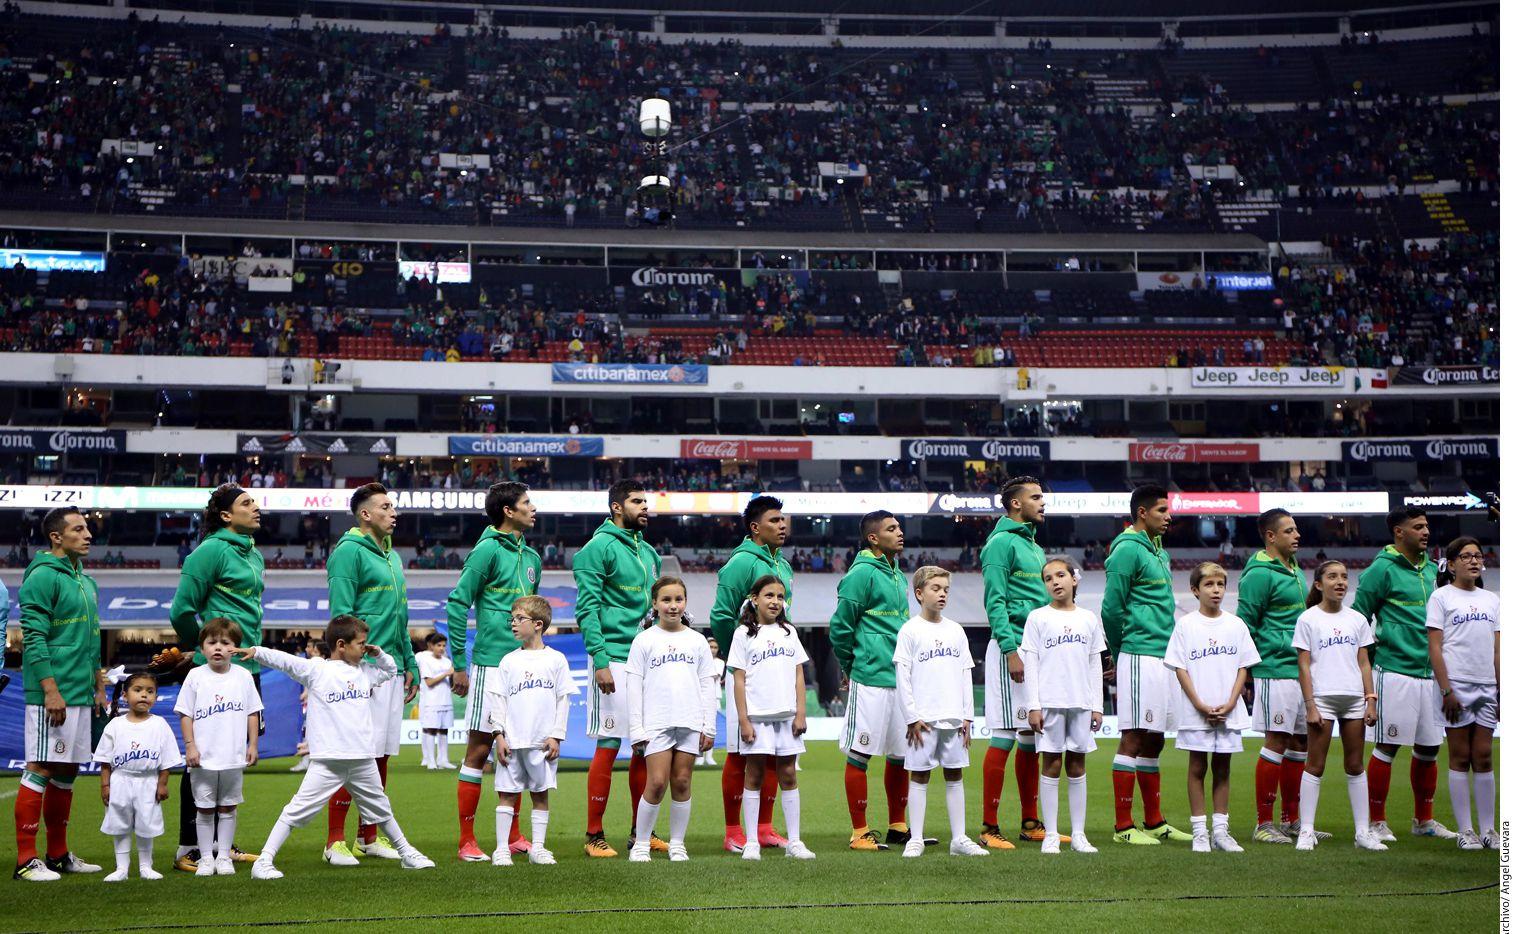 A dos meses del inicio del Mundial, la Selección Mexicana se ubica en la decimoquinta posición del ranking de la FIFA./ AGENCIA REFORMA